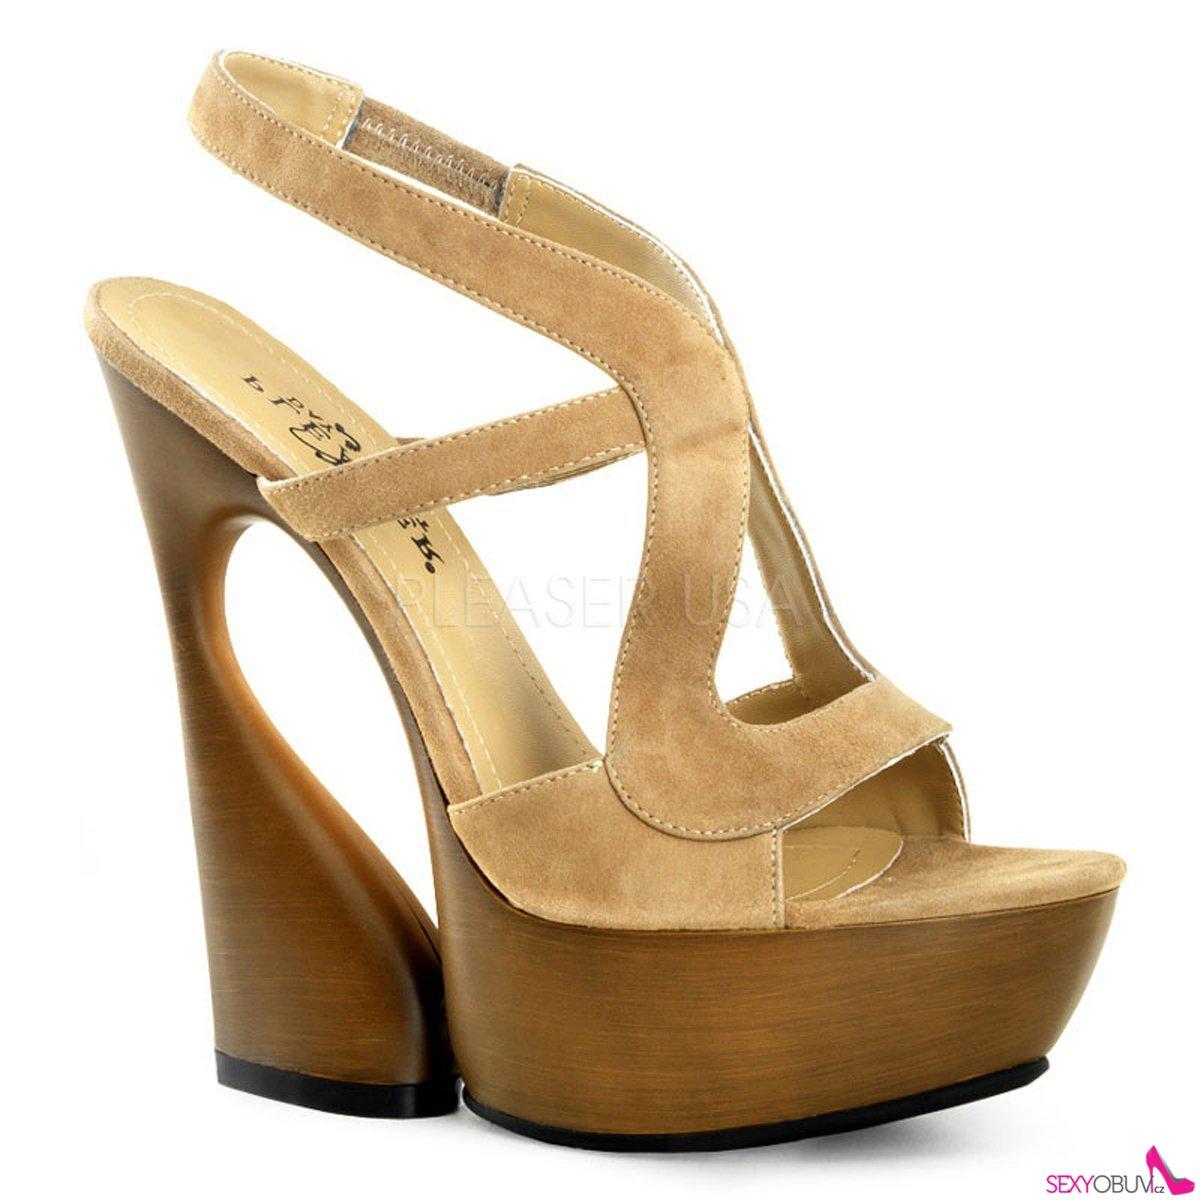 bcacabe59eb SWAN-657 Moderní krémové luxusní boty na klínkovém podpatku labutí styl